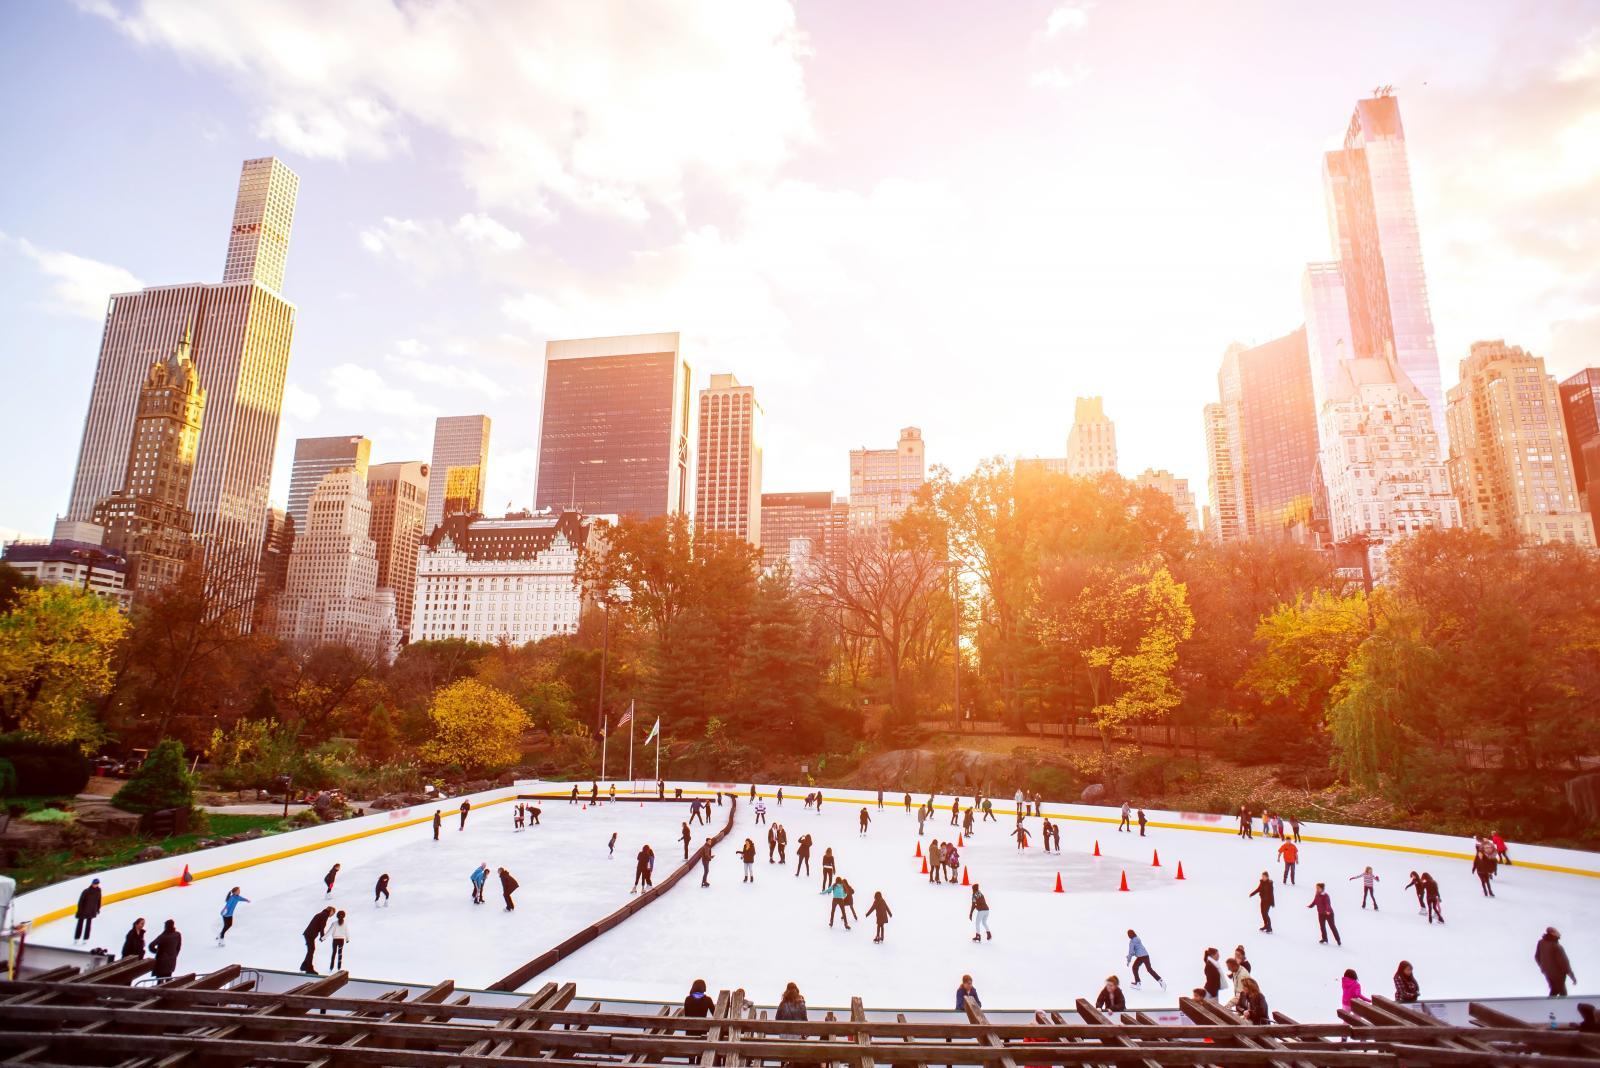 Qué hacer en Navidad en Nueva York: Patinar en Central Park